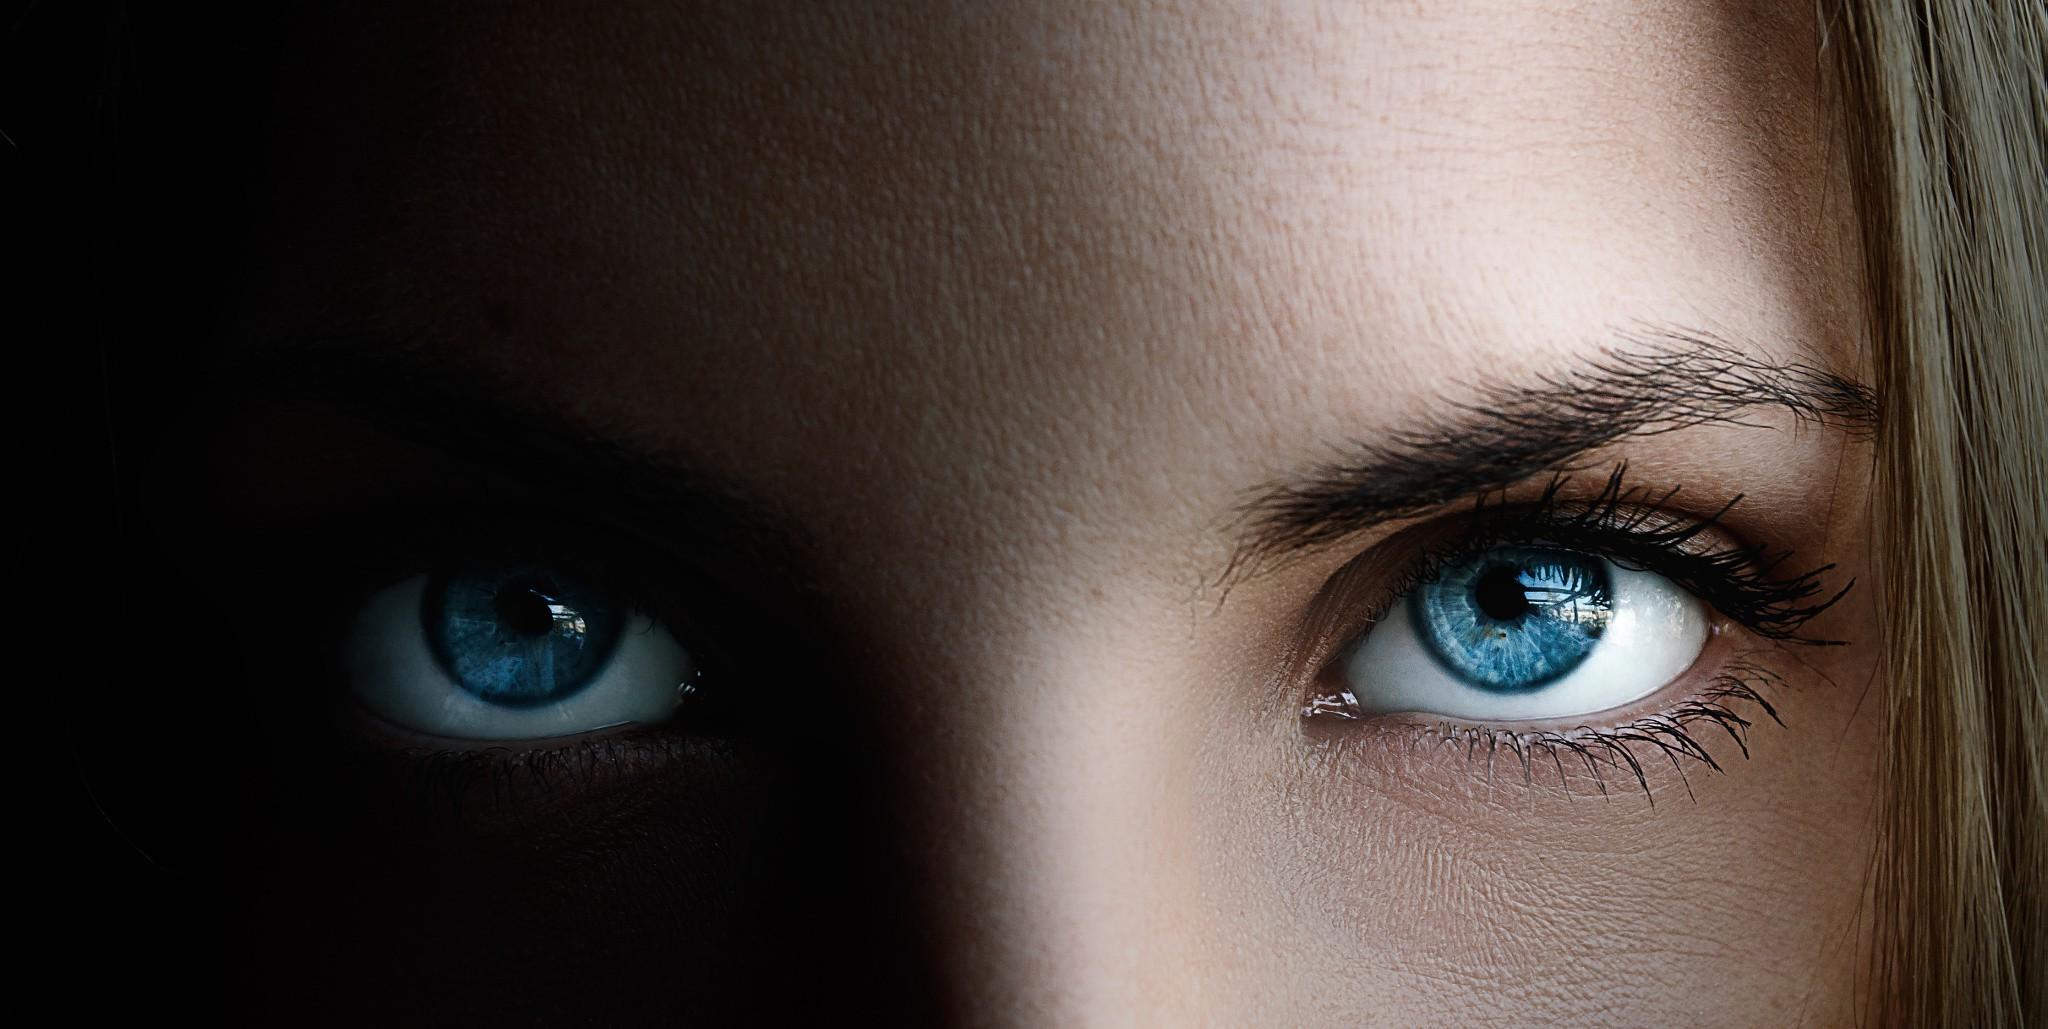 Картинка глаза крупный план